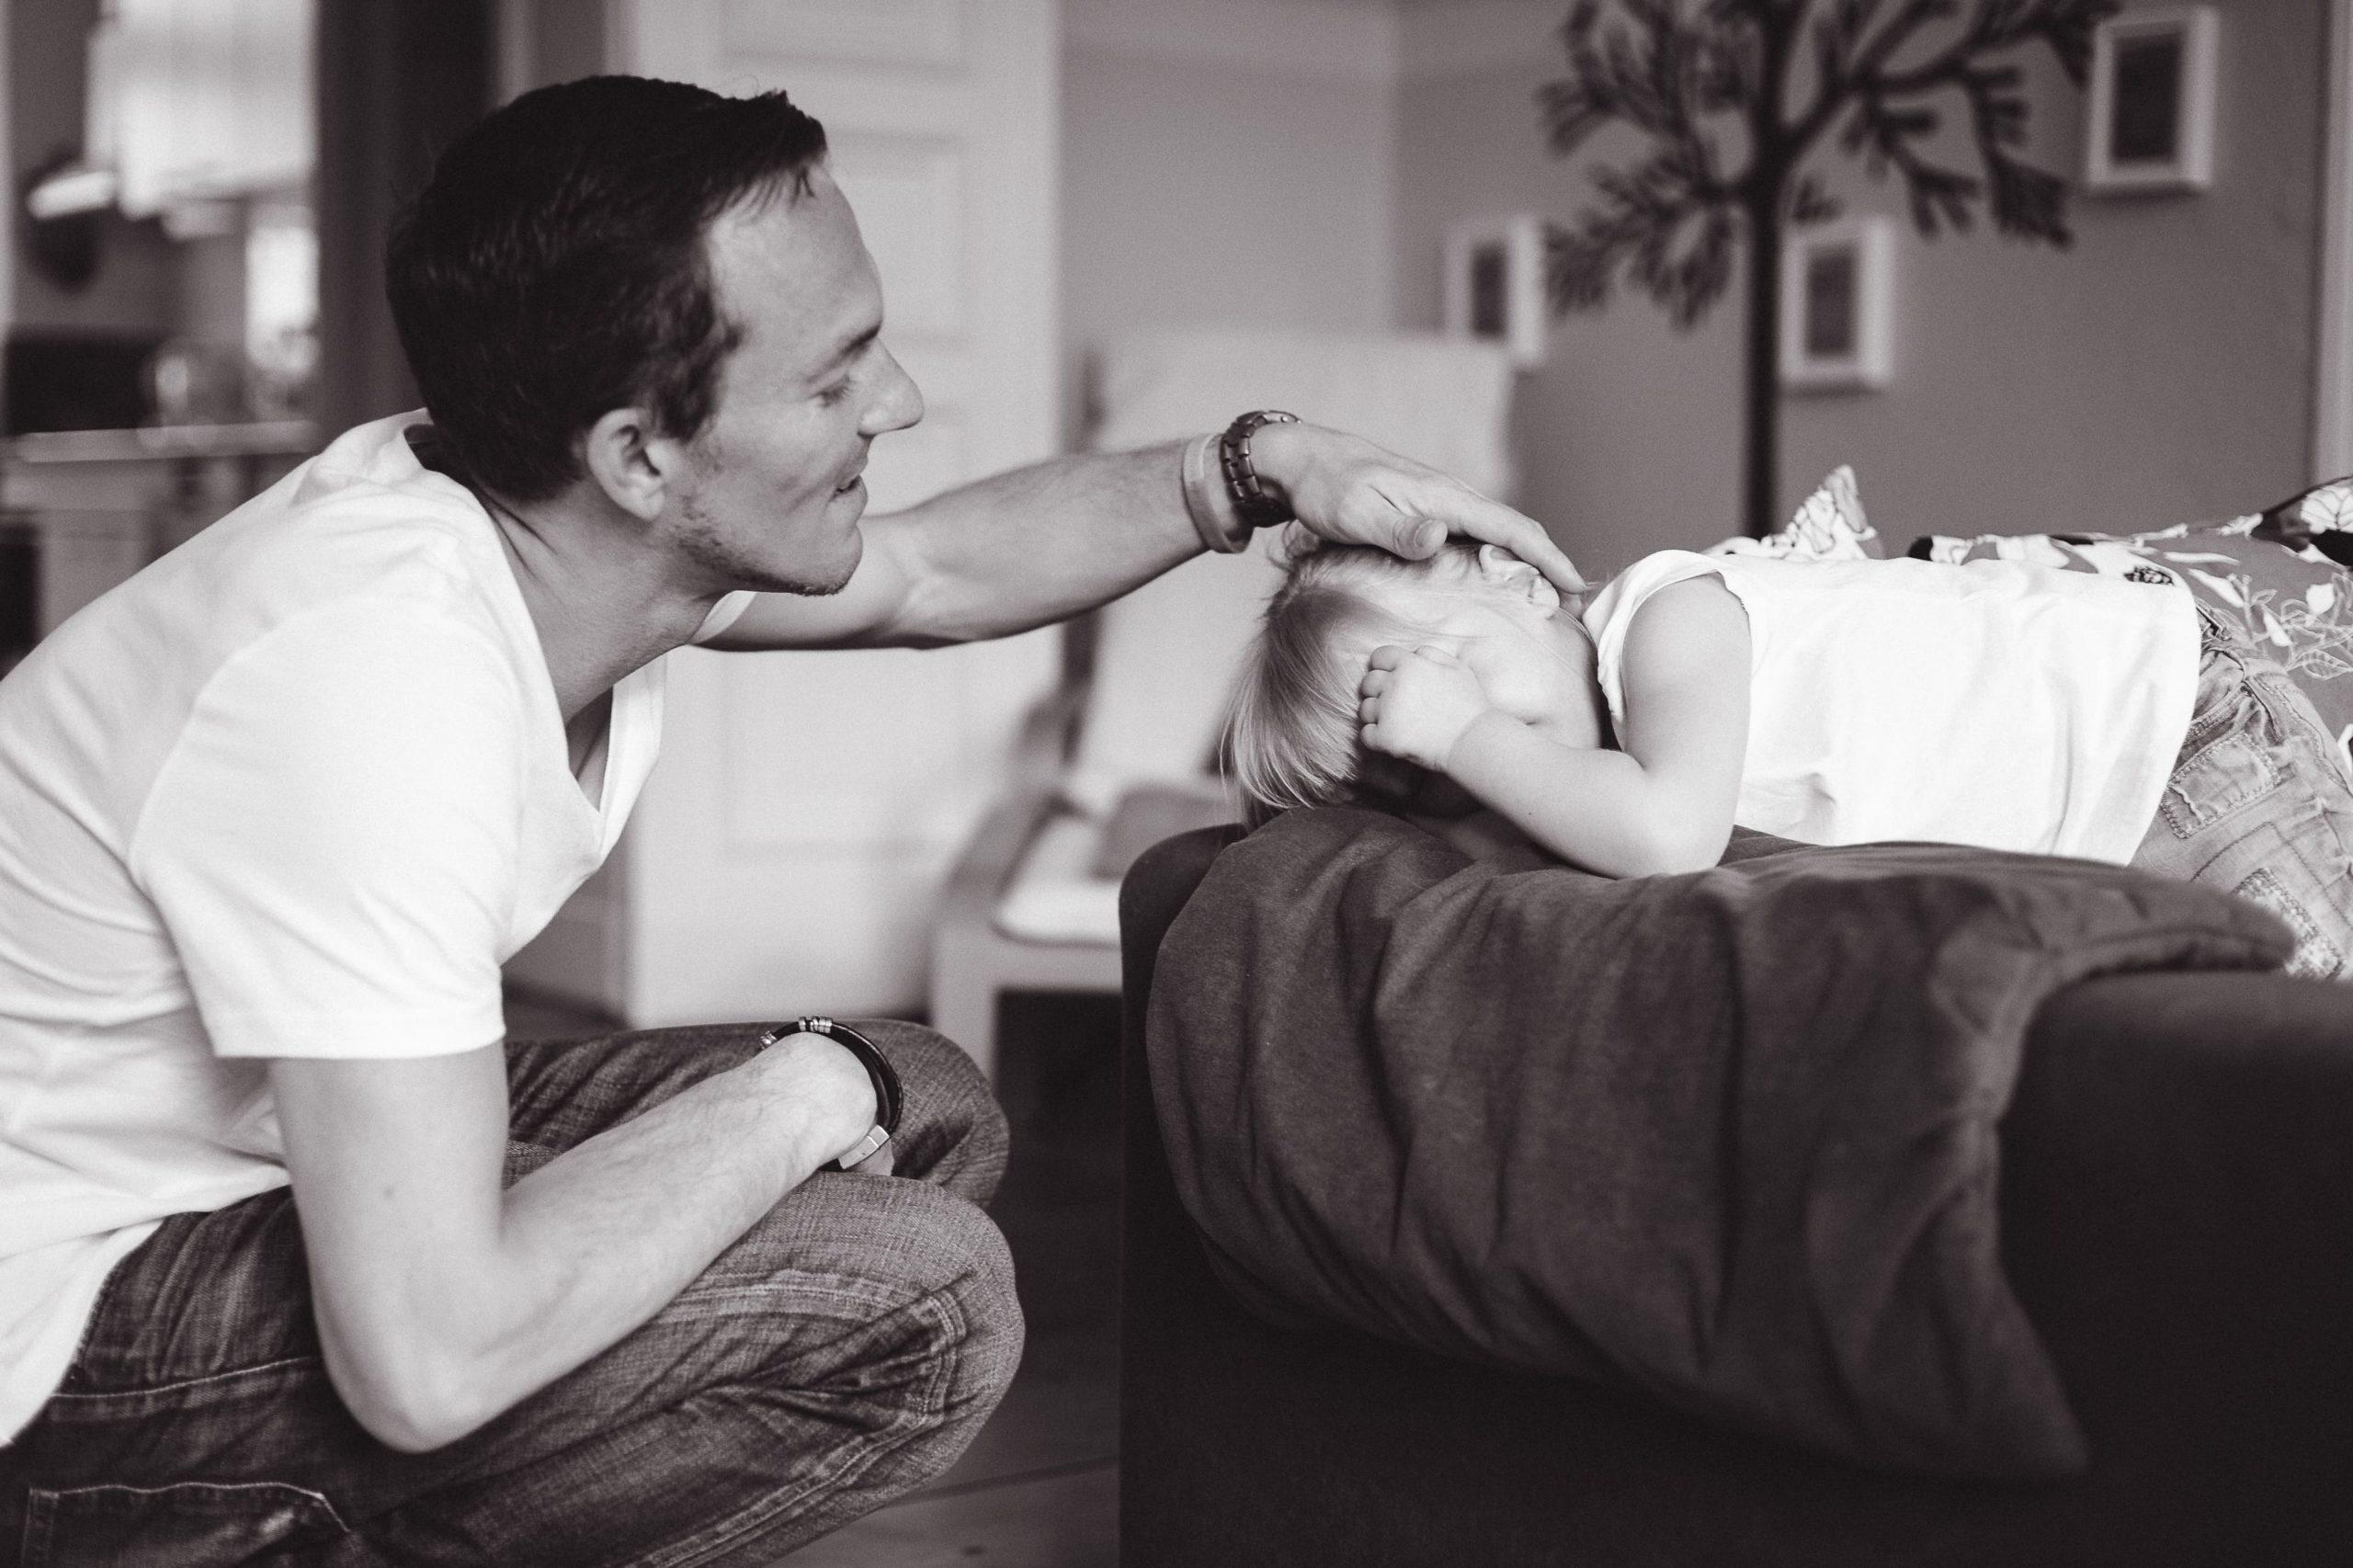 Papa streichelt Tochter liebevoll über den Kopf